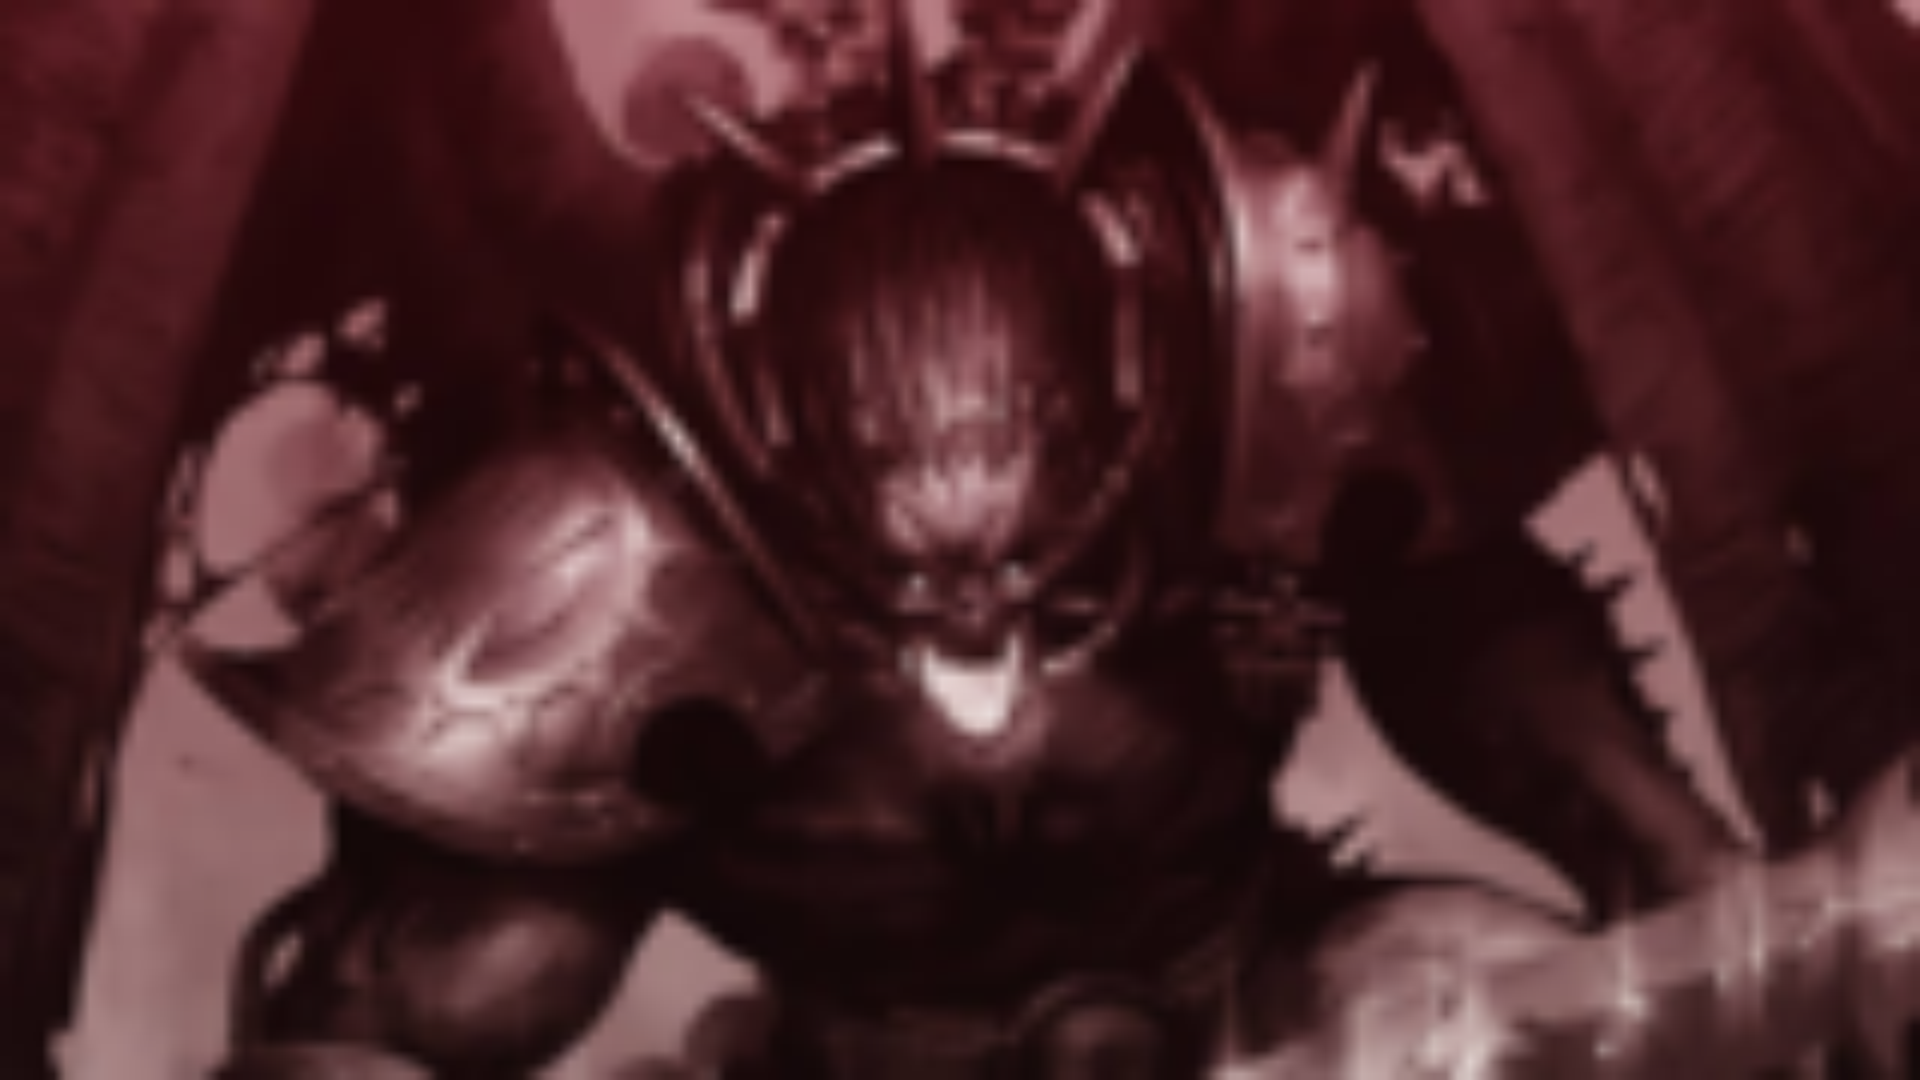 【达奇】献祭上百星球屠戮无数生命所缔造的杀戮之王 《战锤40K》背后的故事